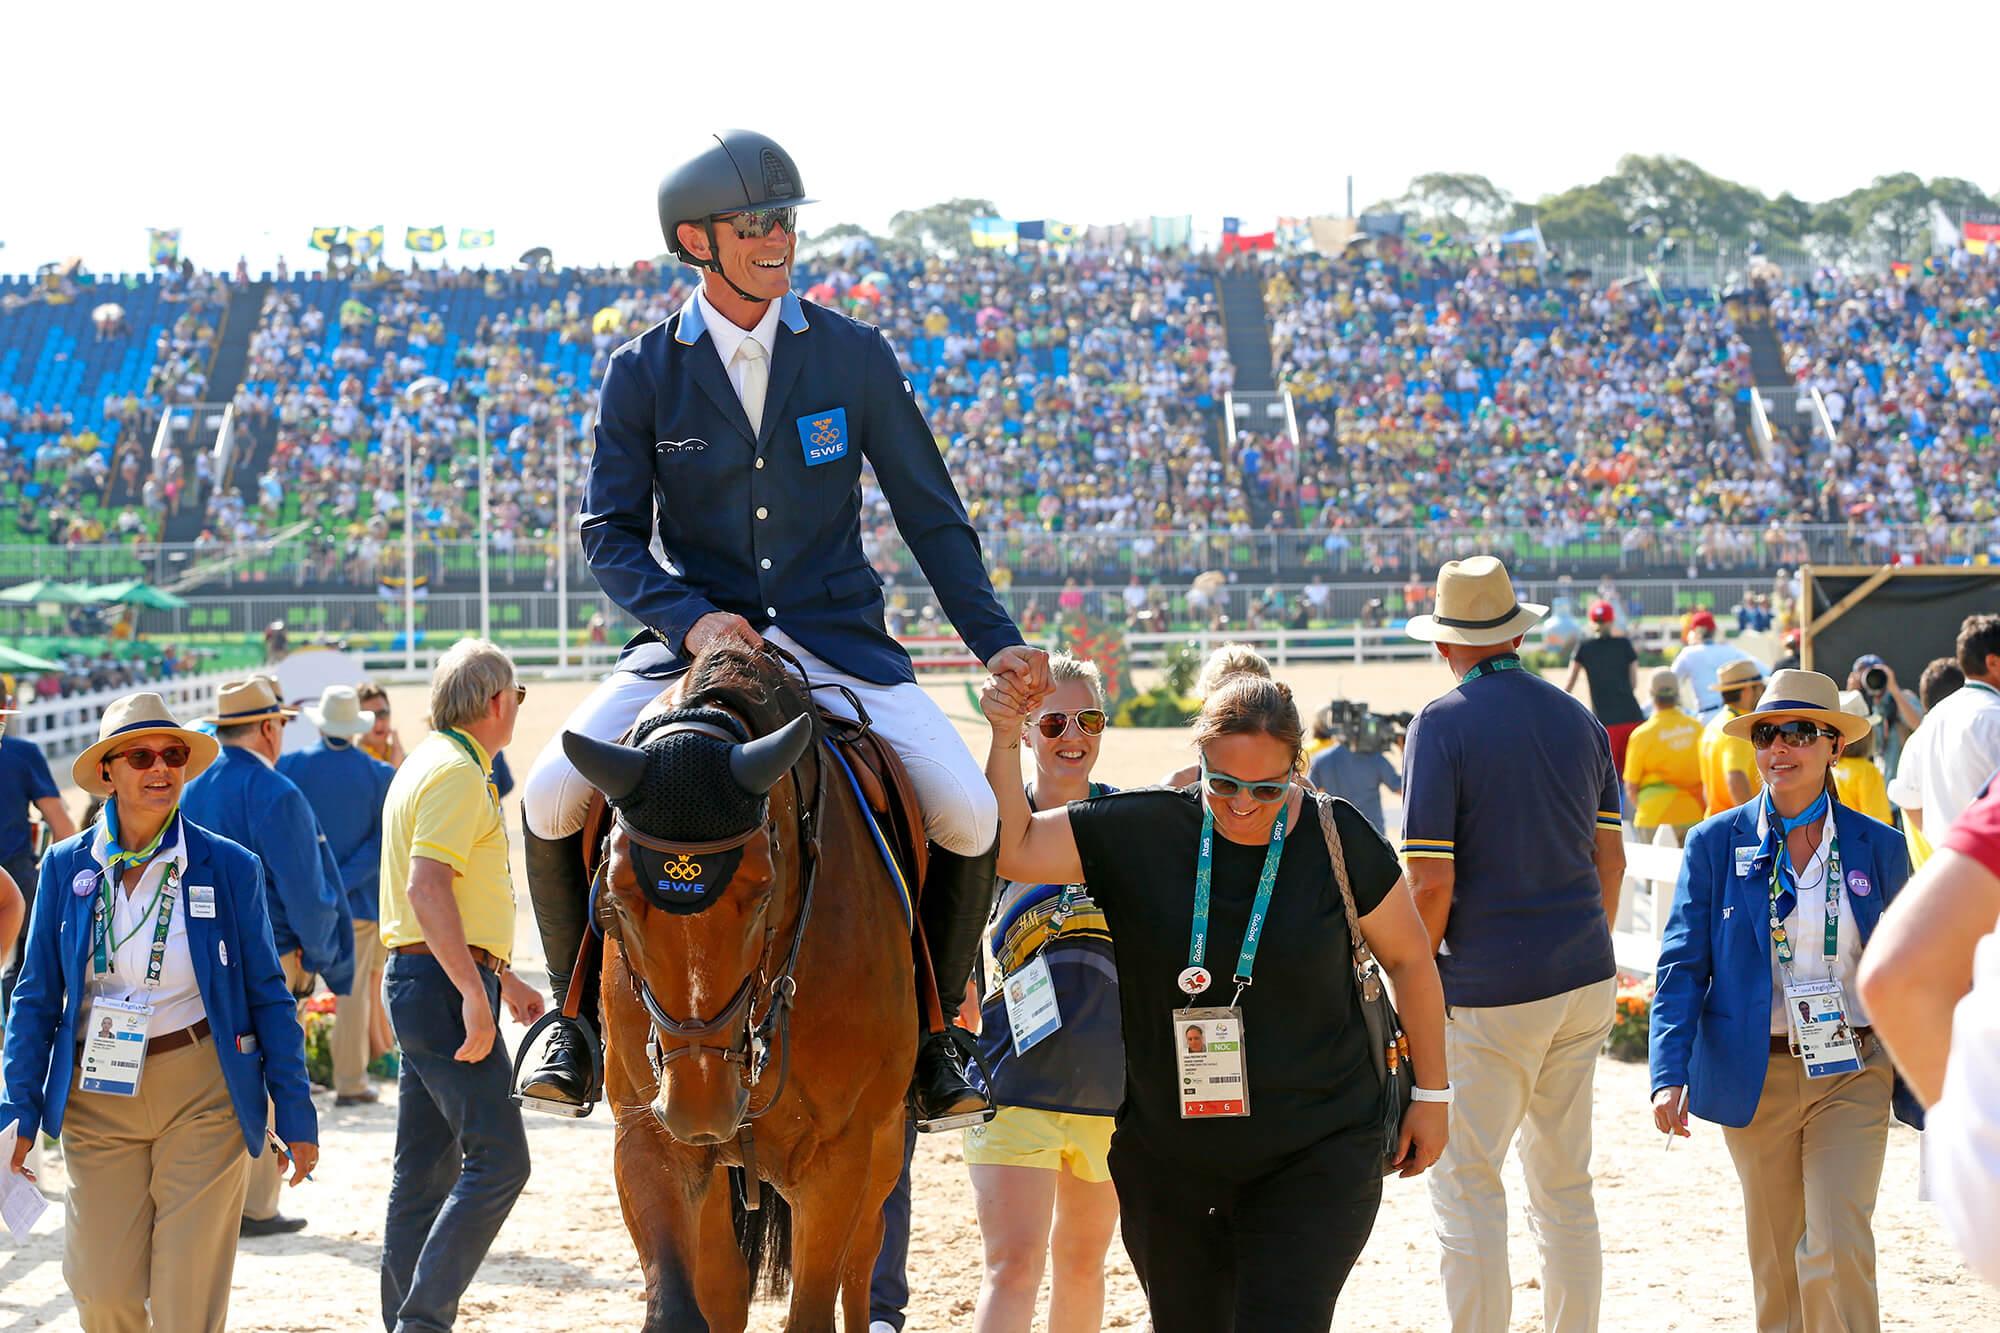 Peder på hästen med många personer runt om och publiken i bakgrunden vid OS